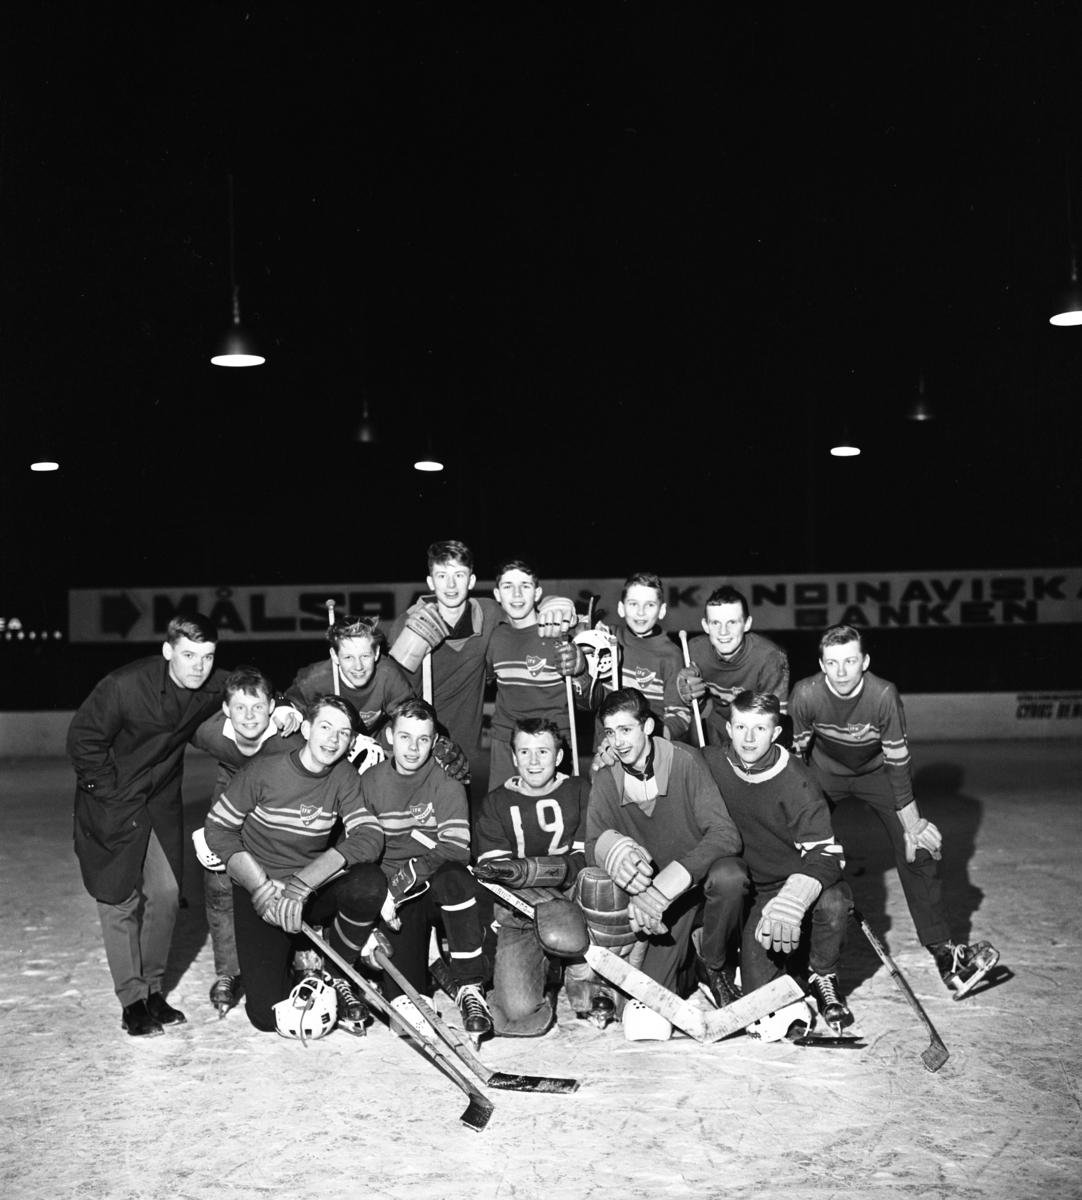 """Segrande lag i kvartershockey. Bakre raden, från vänster: Kaj Linde, Ulf Breid, okänd, okänd, okänd, Jan Linde, okänd, okänd, okänd Främre raden, från vänster: okänd, Rolf Jahrl, """"Mille"""", Lars Weiss och okänd"""